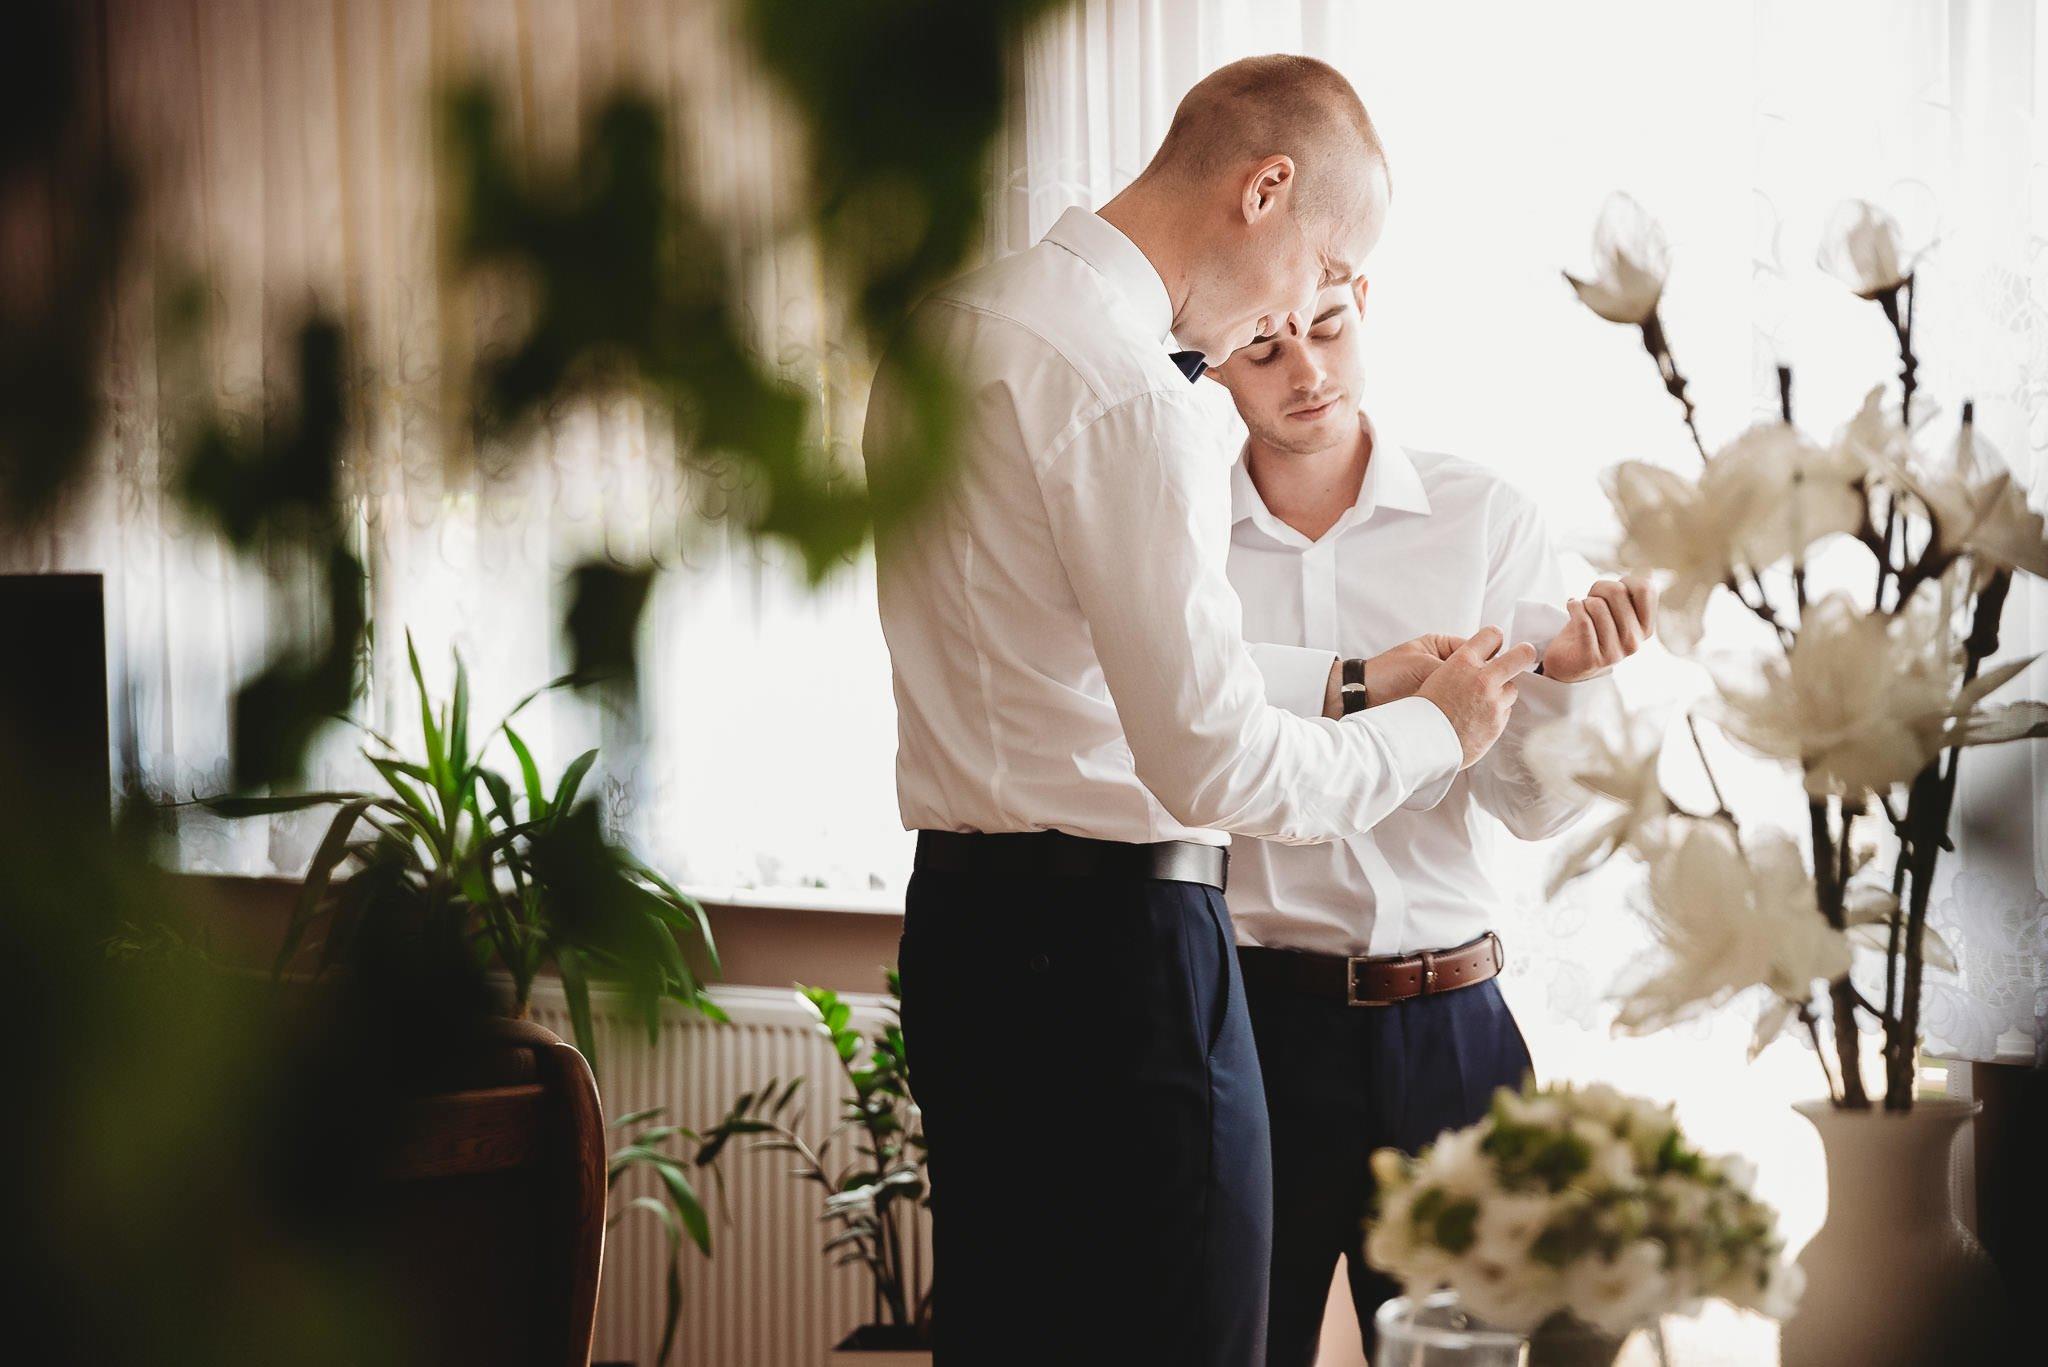 Angelika i Michał, piękne zdjęcia ślubne i sesja plenerowa w Gołuchowie 3